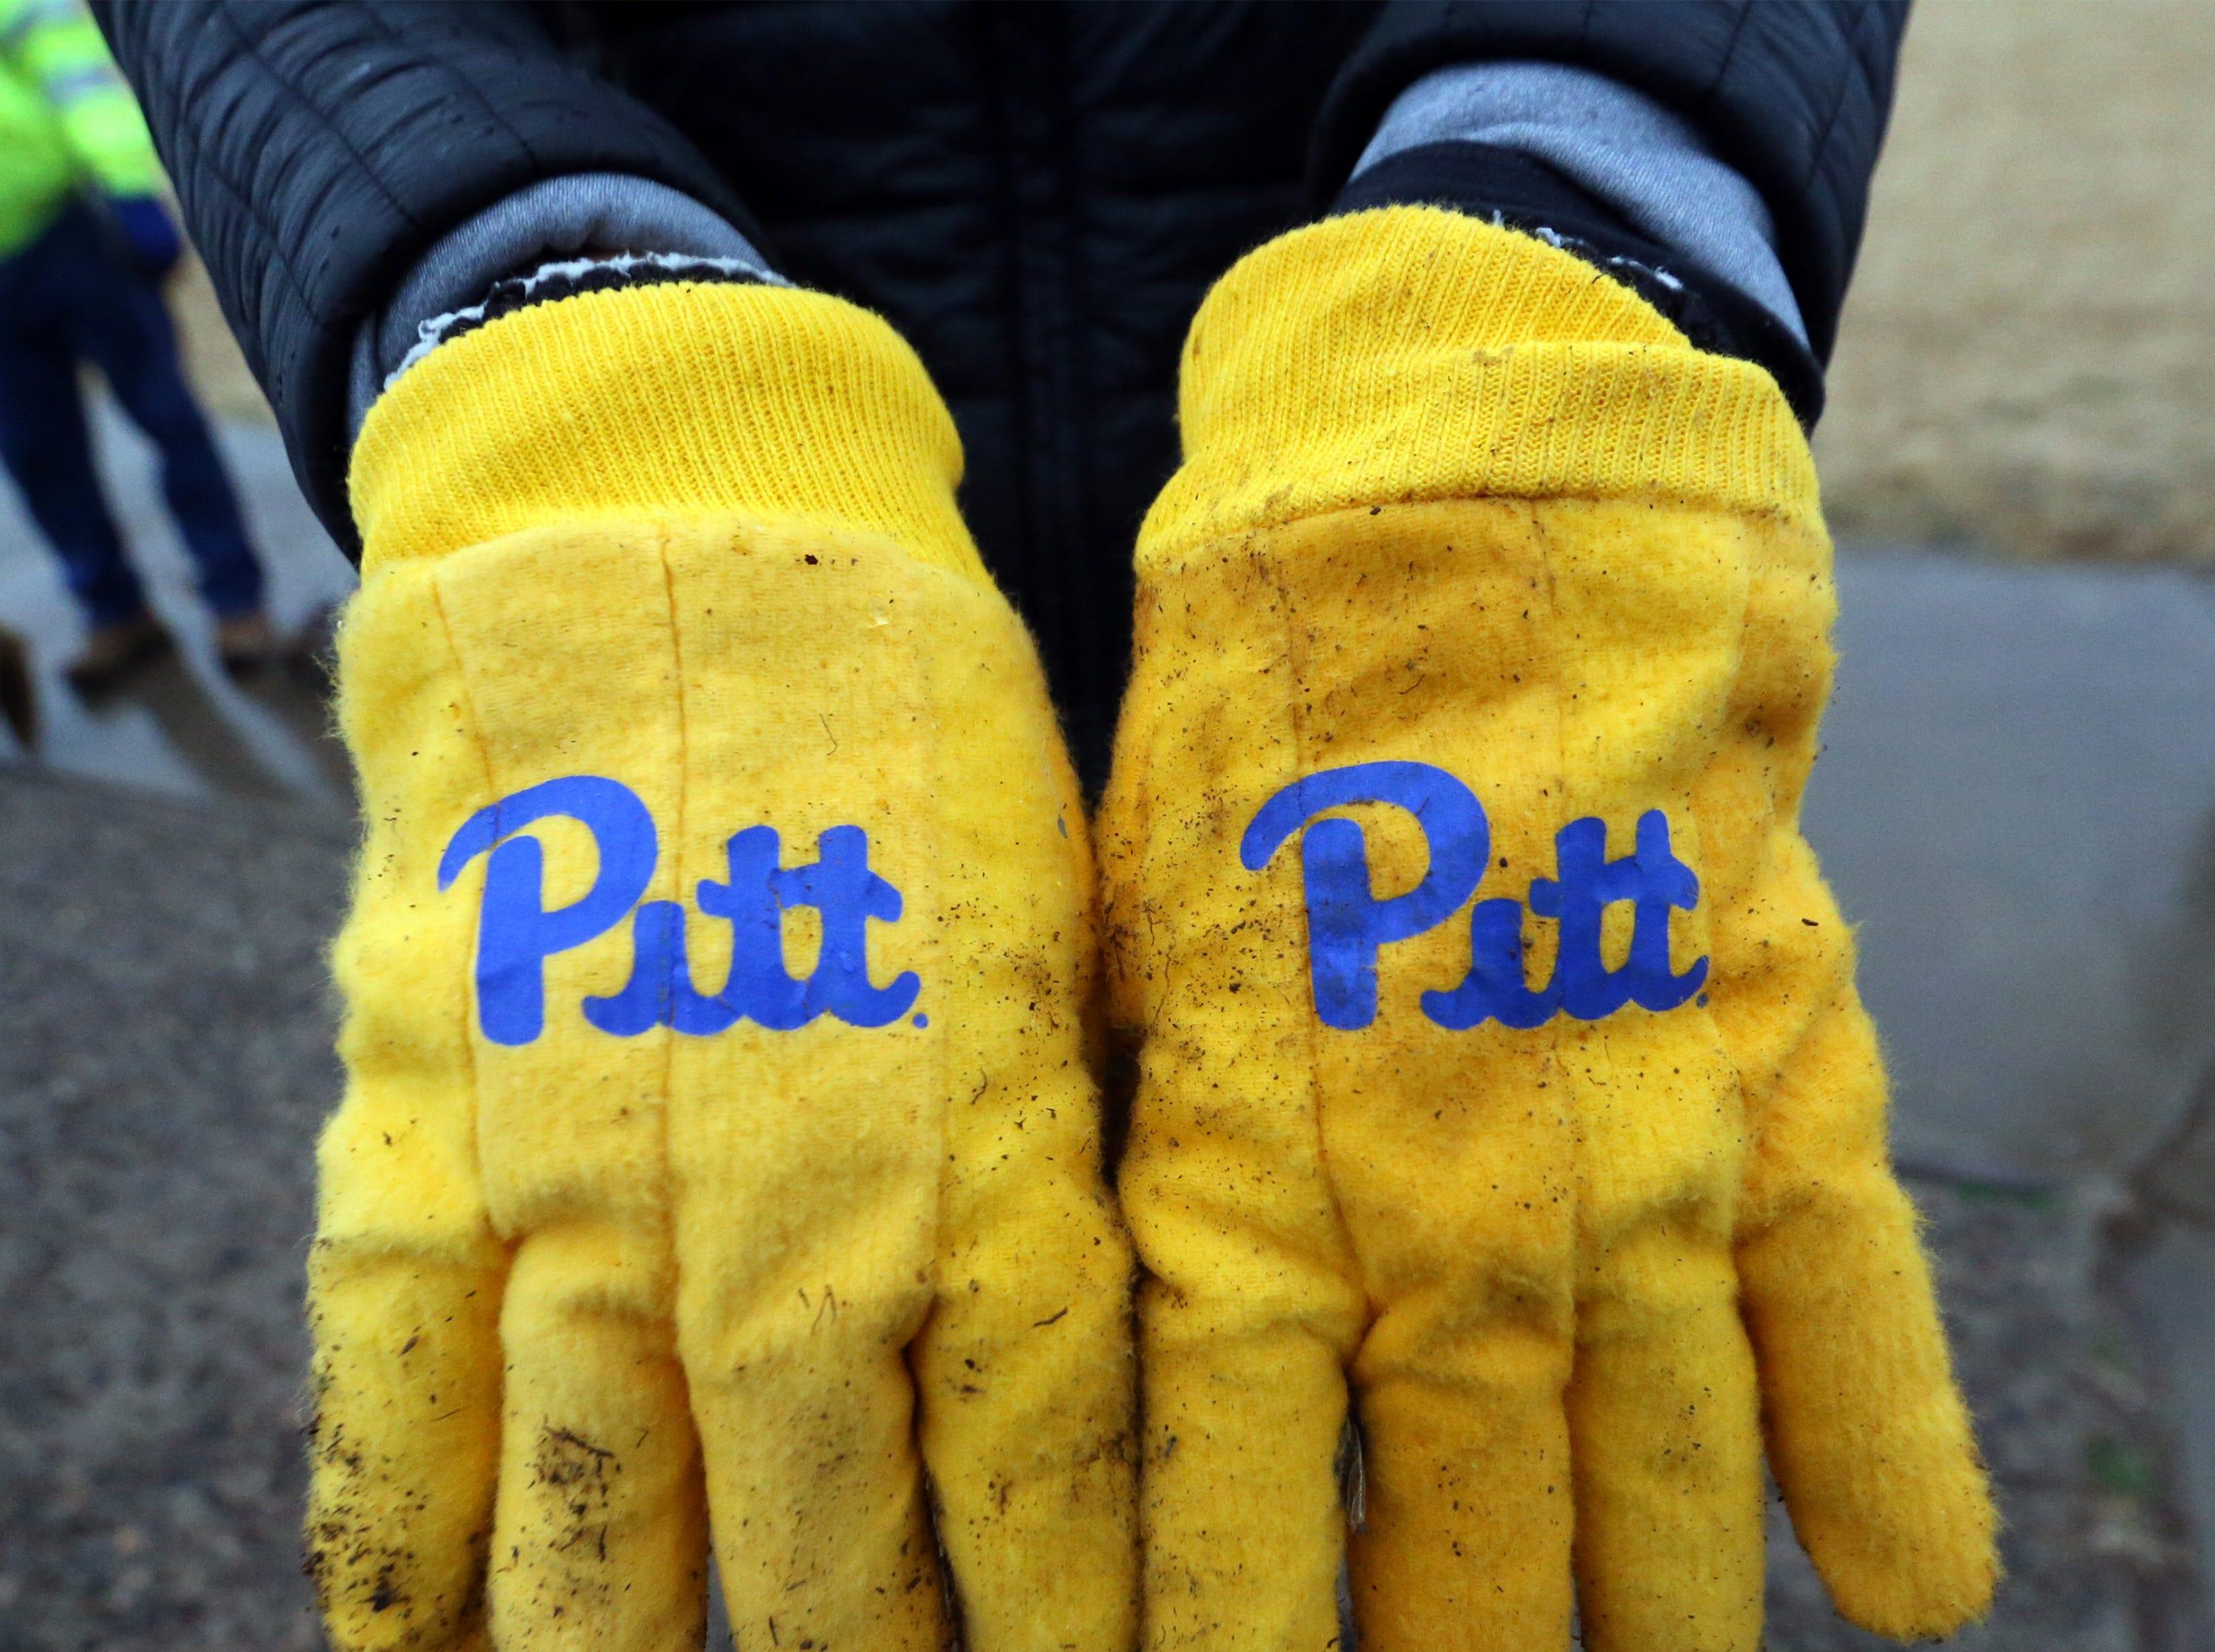 Pitt garden gloves during a volunteer project at Veterans Park in Northeast El Paso Friday.